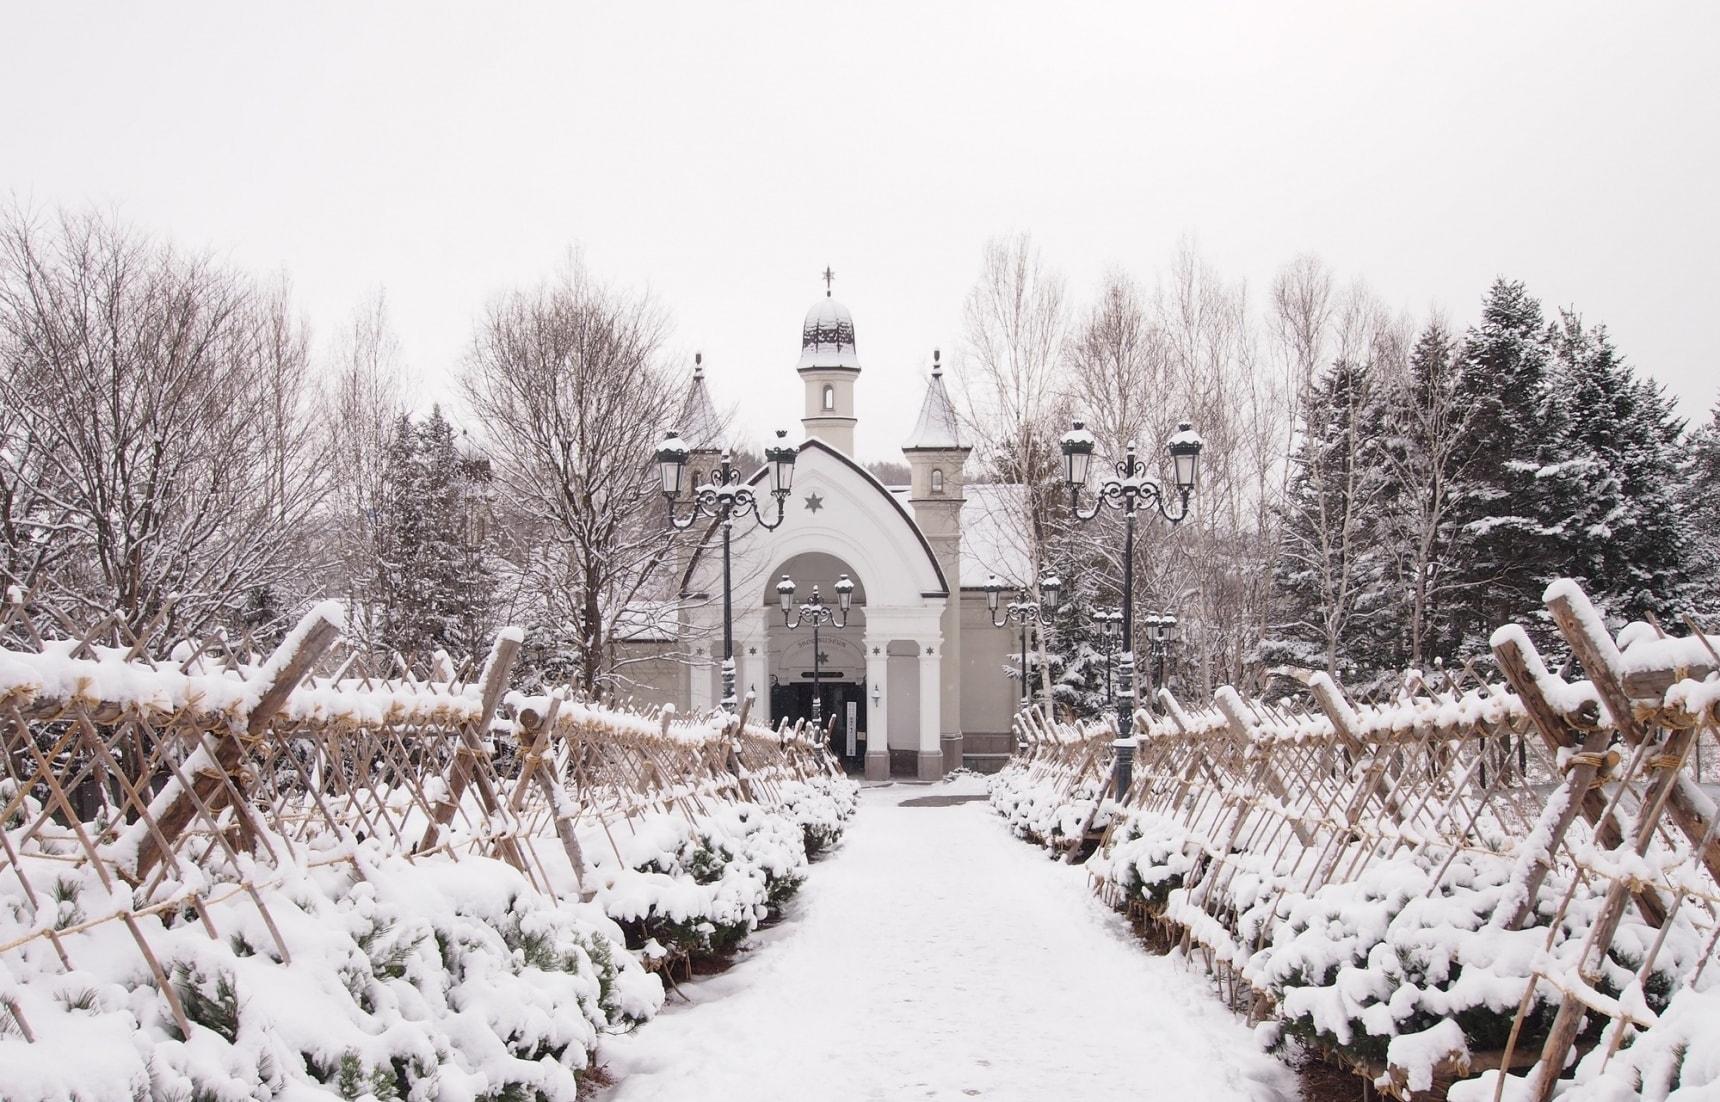 【北海道自由行】旭川・雪之美術館之冰雪奇緣之旅